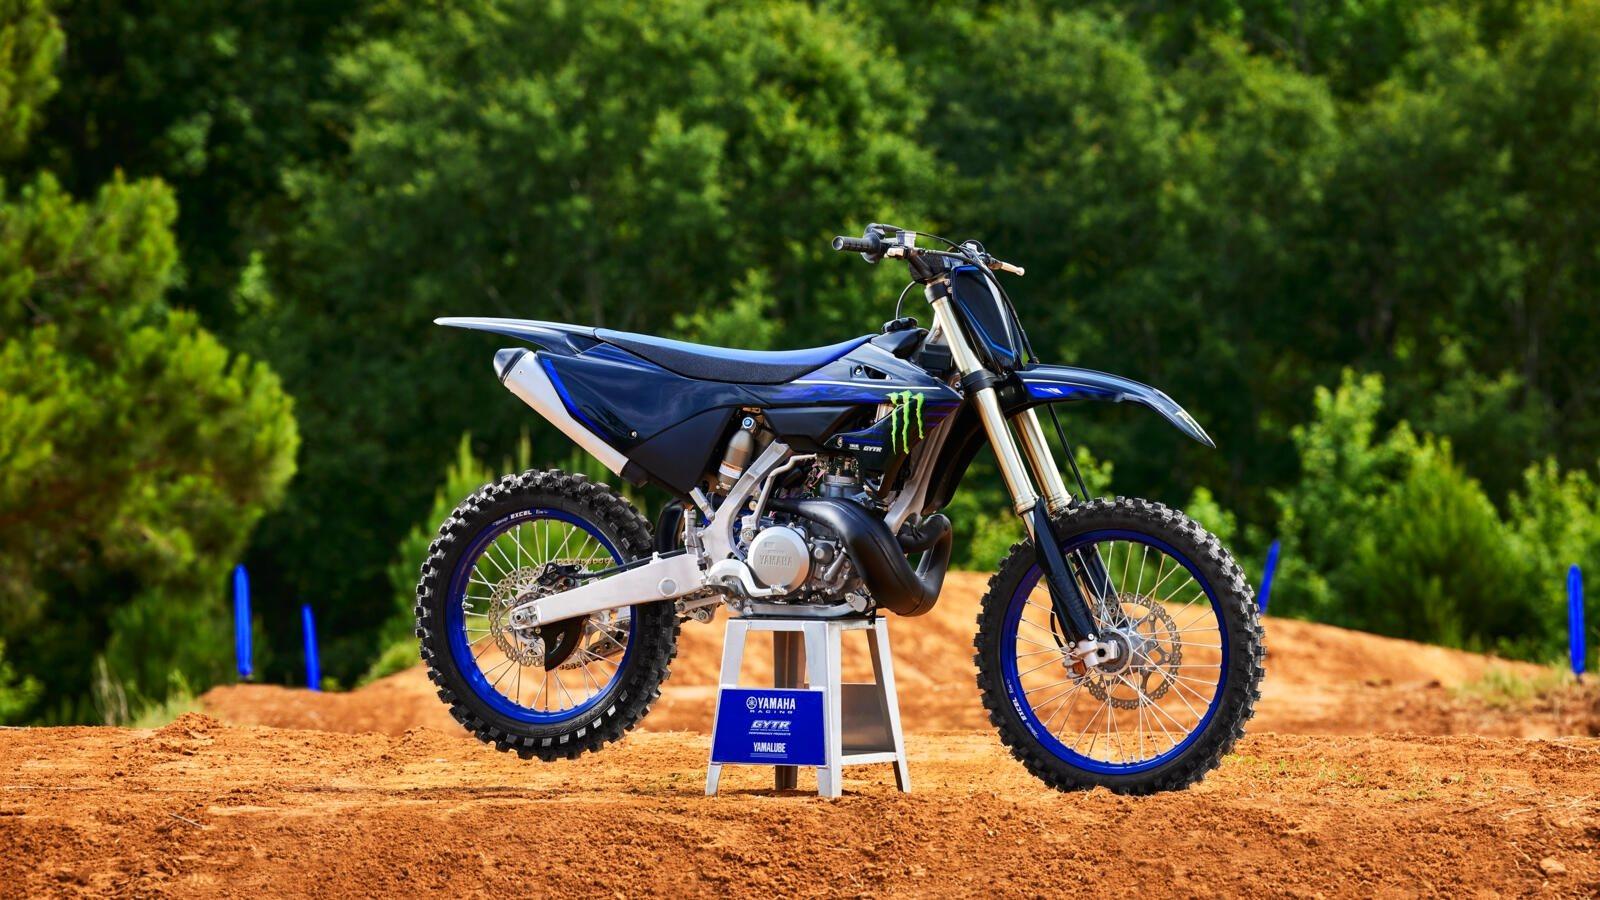 Yamaha YZ250 Monster Energy Yamaha Racing Edition